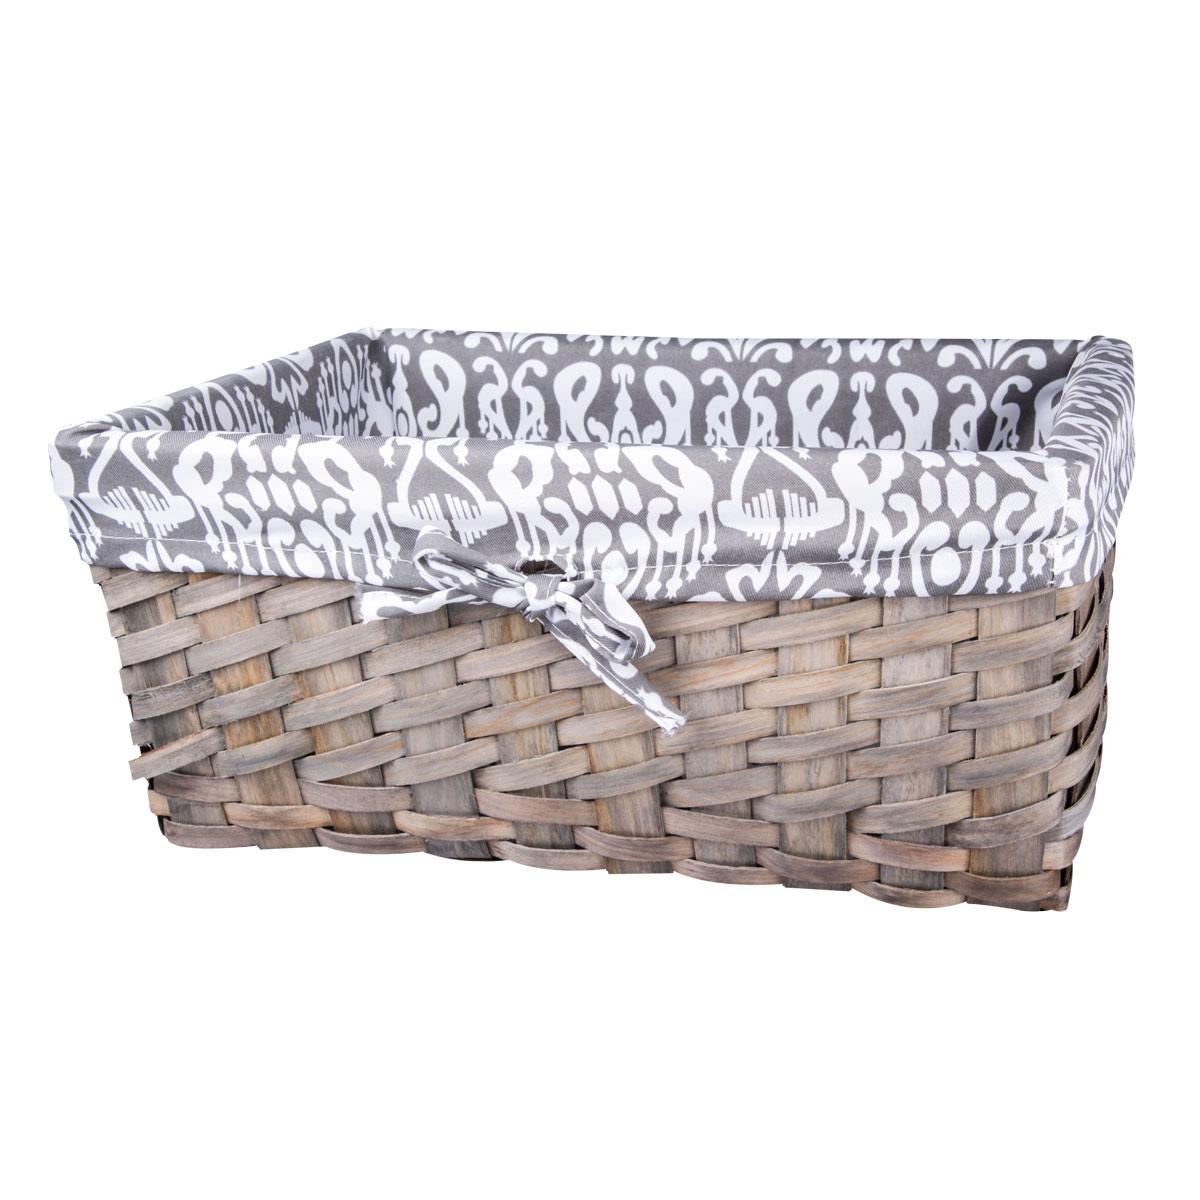 Корзина плетеная Miolla, 37 х 26 х 17 см. QL400435-LQL400435-LЛучшее решение для хранения вещей - корзина для хранения Miolla. Экономьте полезное пространство своего дома, уберите ненужные вещи в удобную корзину и используйте ее для хранения дорогих сердцу вещей, которые нужно сберечь в целости и сохранности.Корзина изготовлена из дерева. Специальные отверстия на стенках создают идеальные условия для проветривания. Размер корзины: 37 х 26 х 17 см.